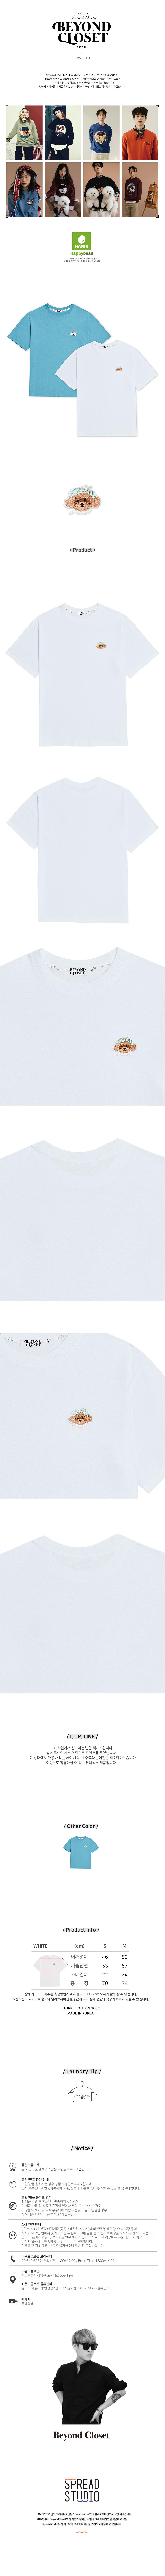 비욘드클로젯(BEYOND CLOSET) ILP 베케이션 도그 로고 1/2 티셔츠 화이트